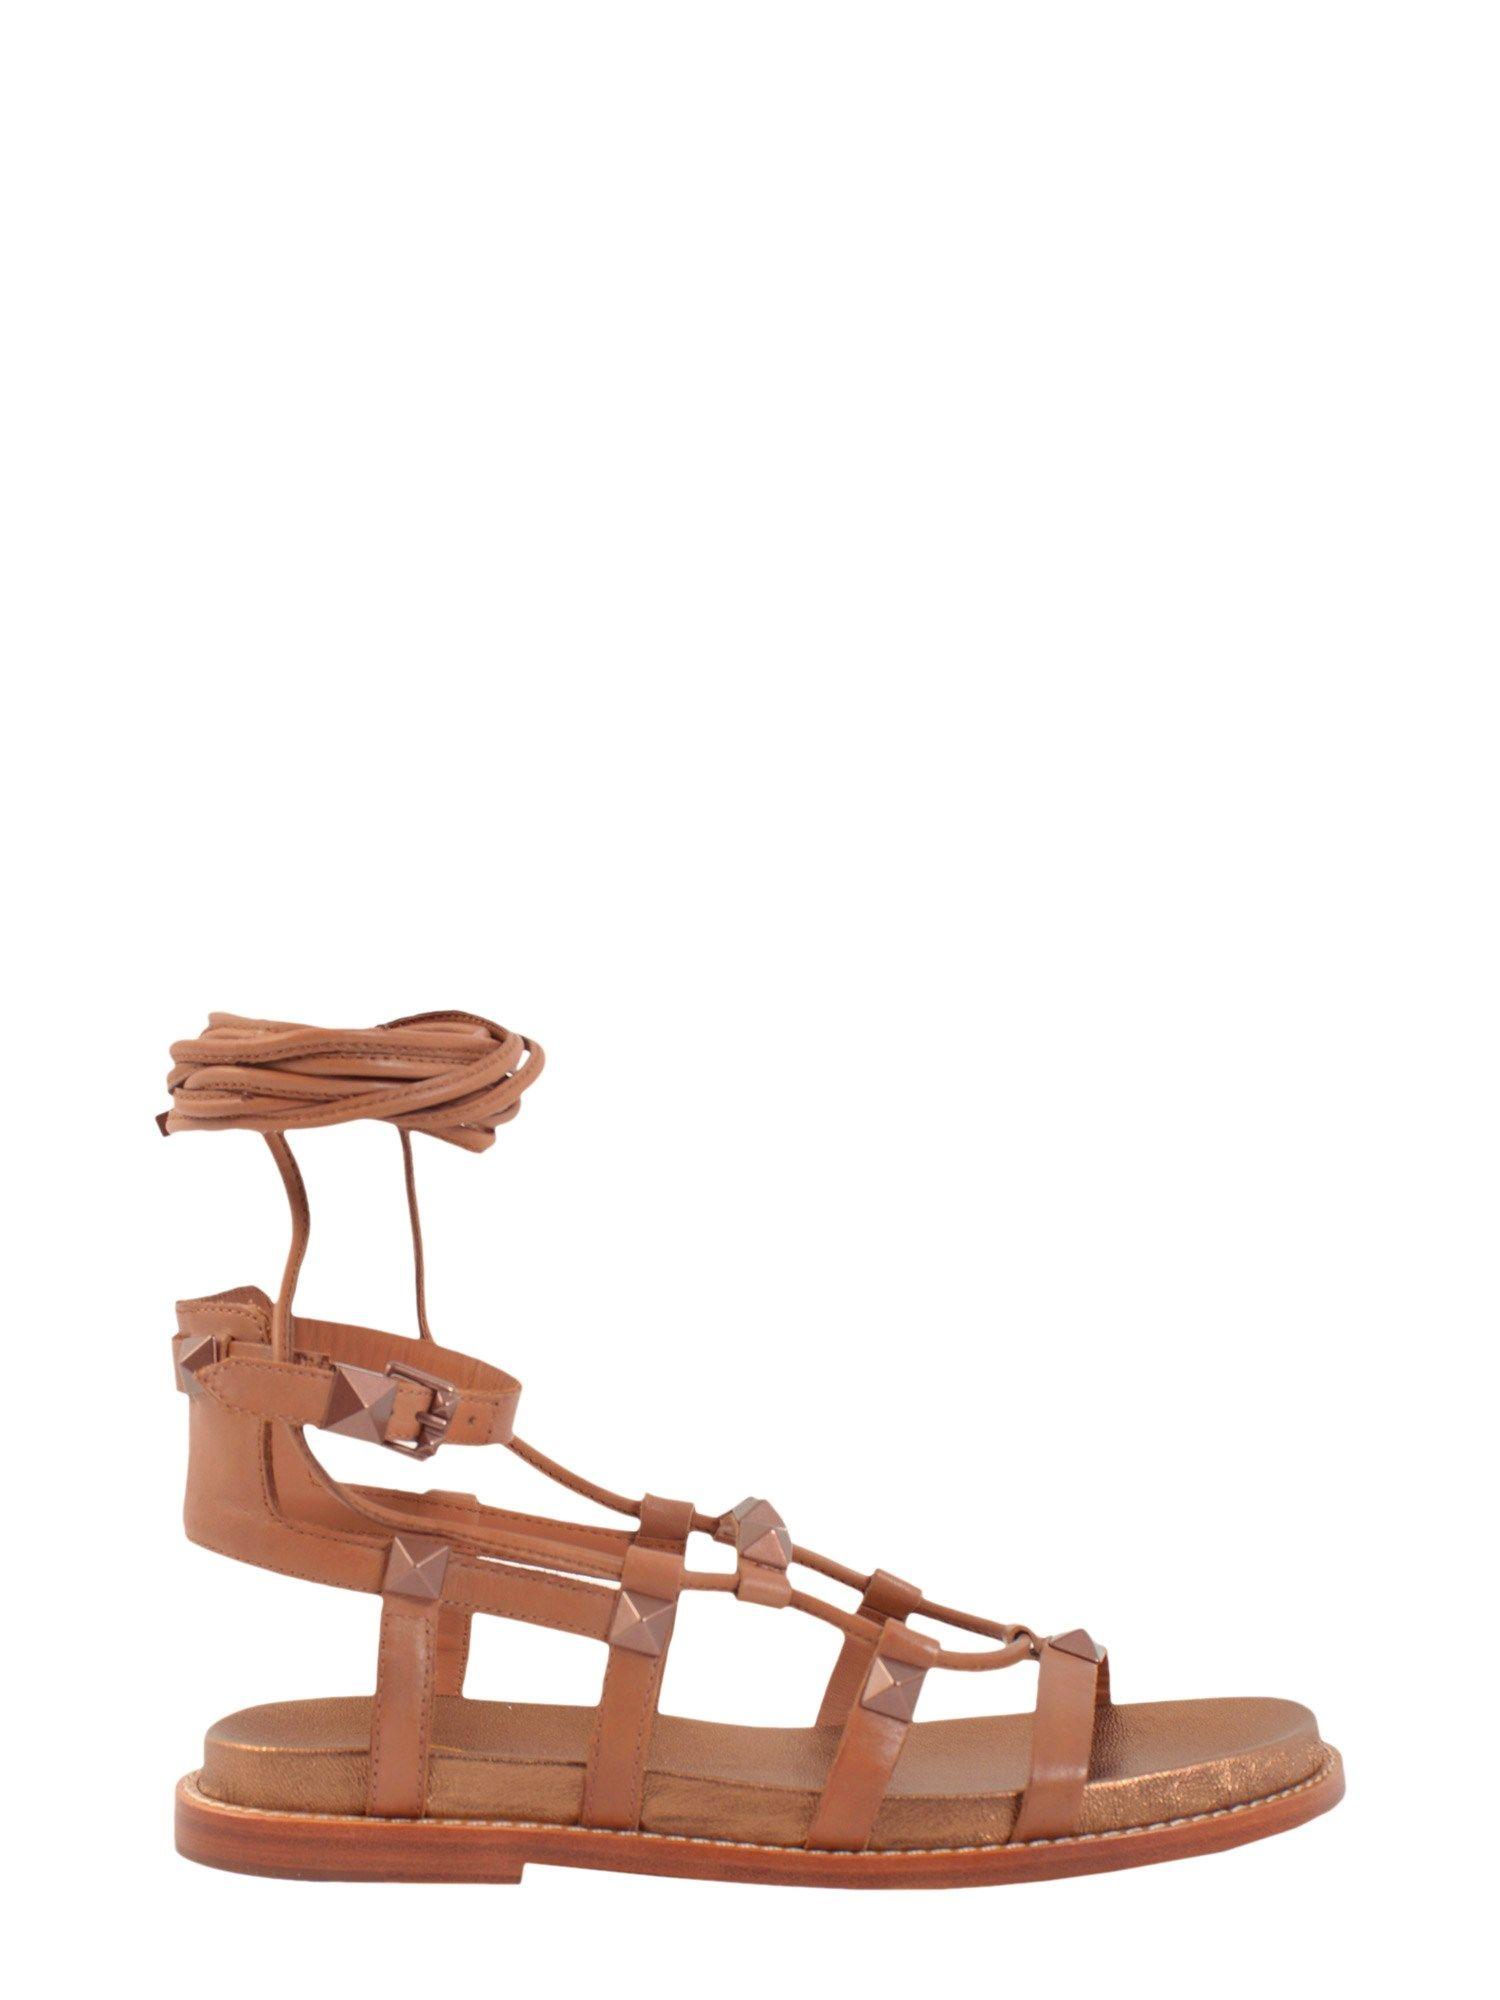 Magnun Sandal